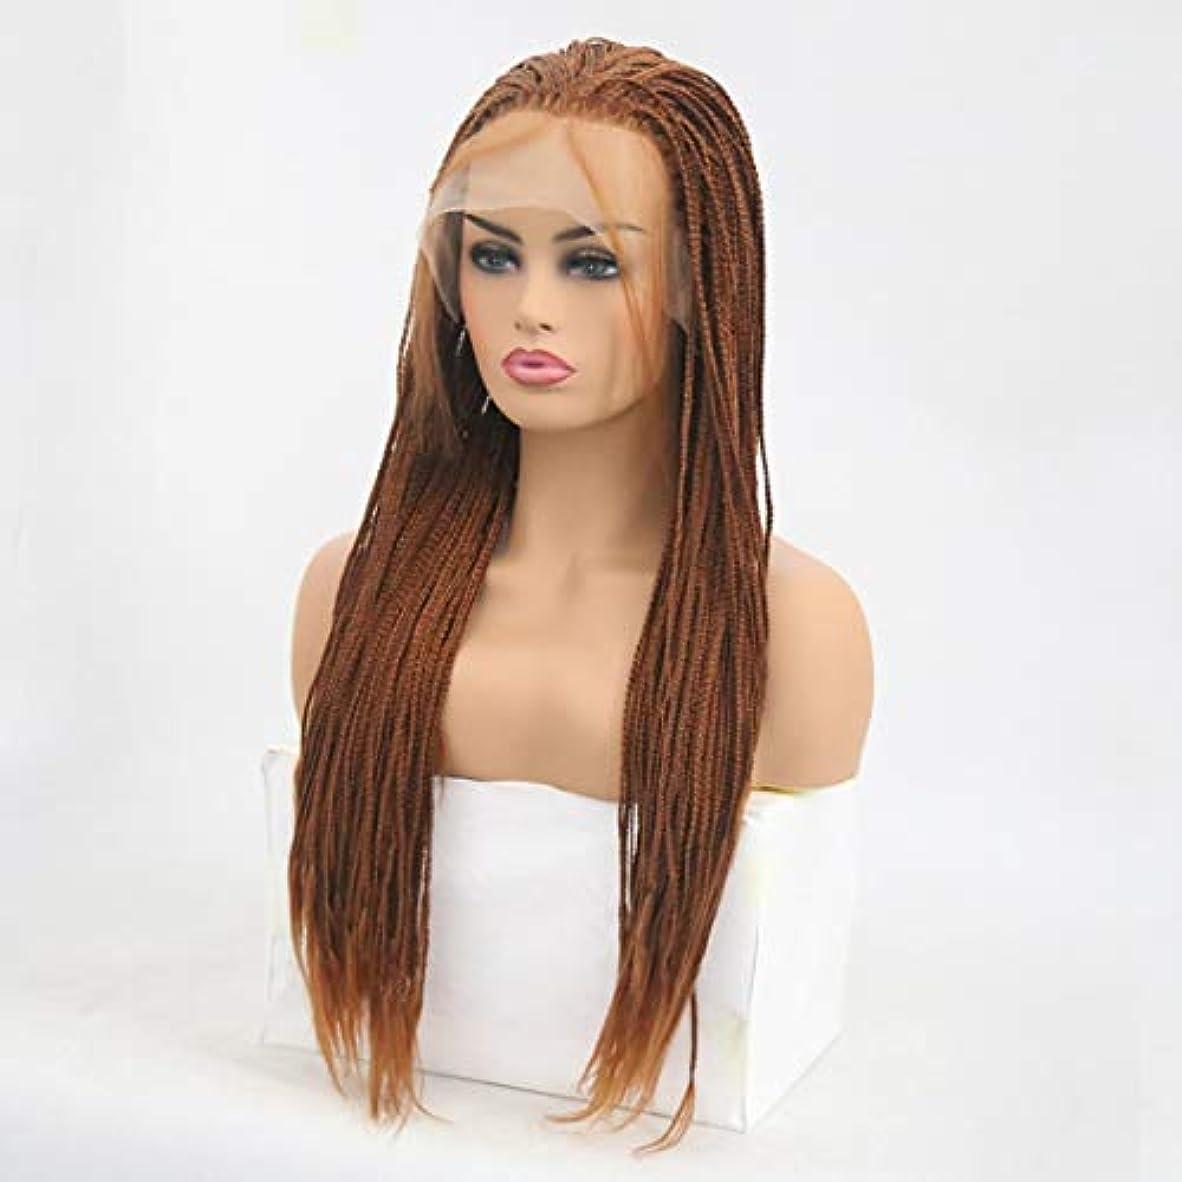 床を掃除するサイバースペース驚かすKerwinner 女性のための前髪の髪のかつらで絹のような長いストレート黒かつら耐熱合成かつら (Size : 20 inches)